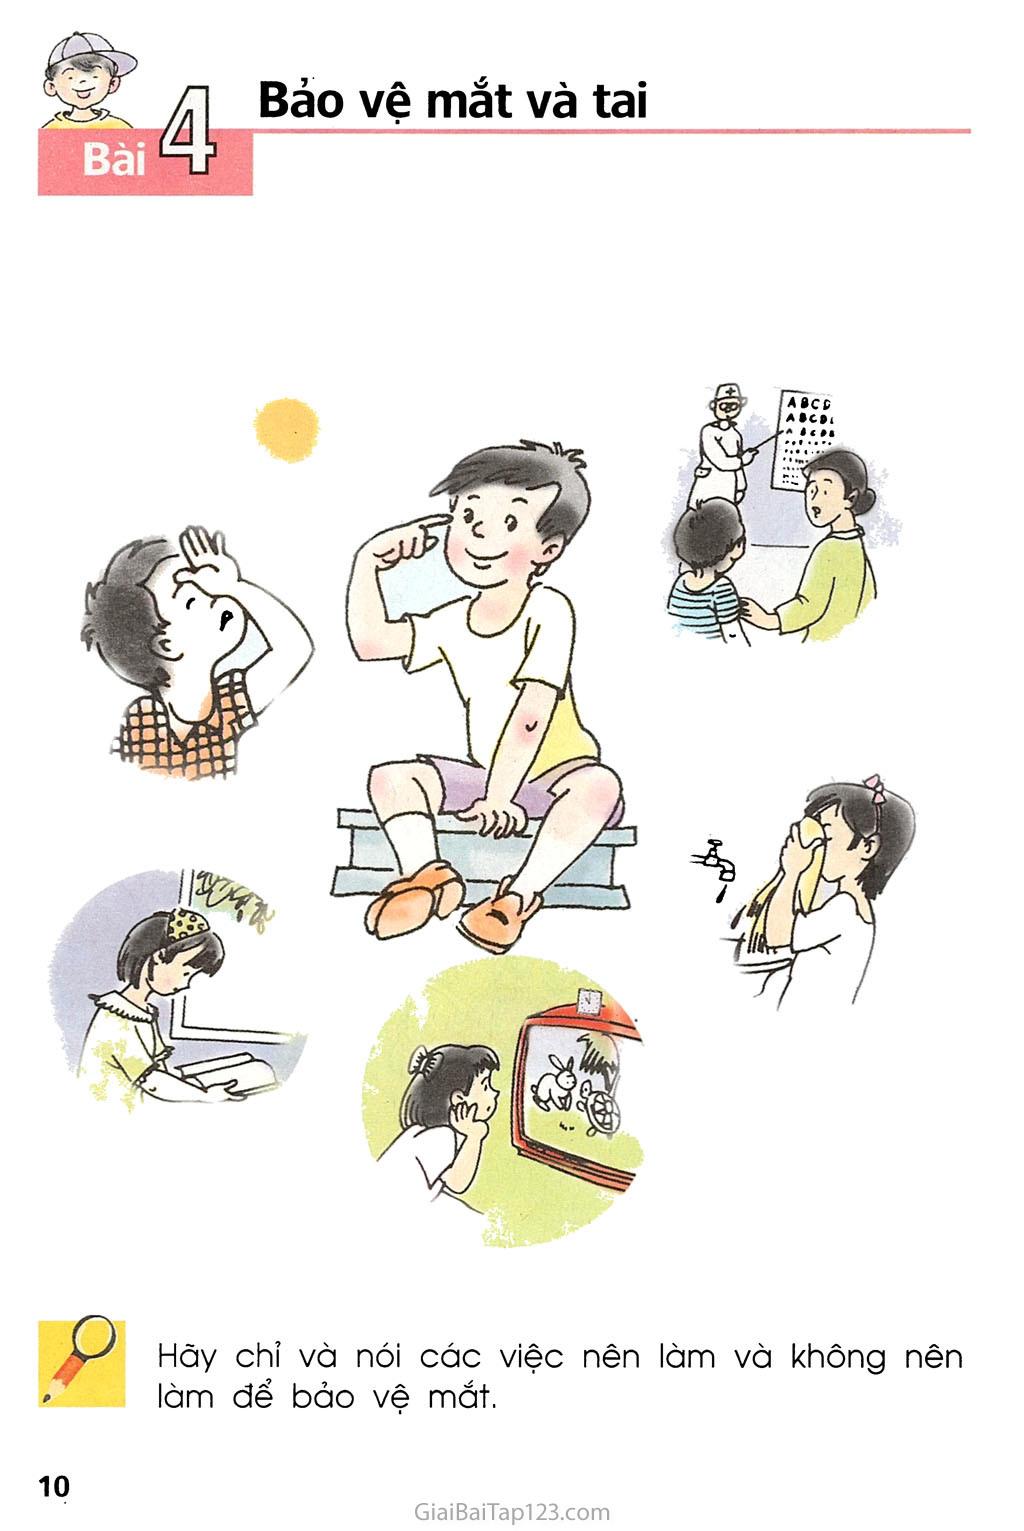 Bài 4. Bảo vệ mắt và tai trang 1